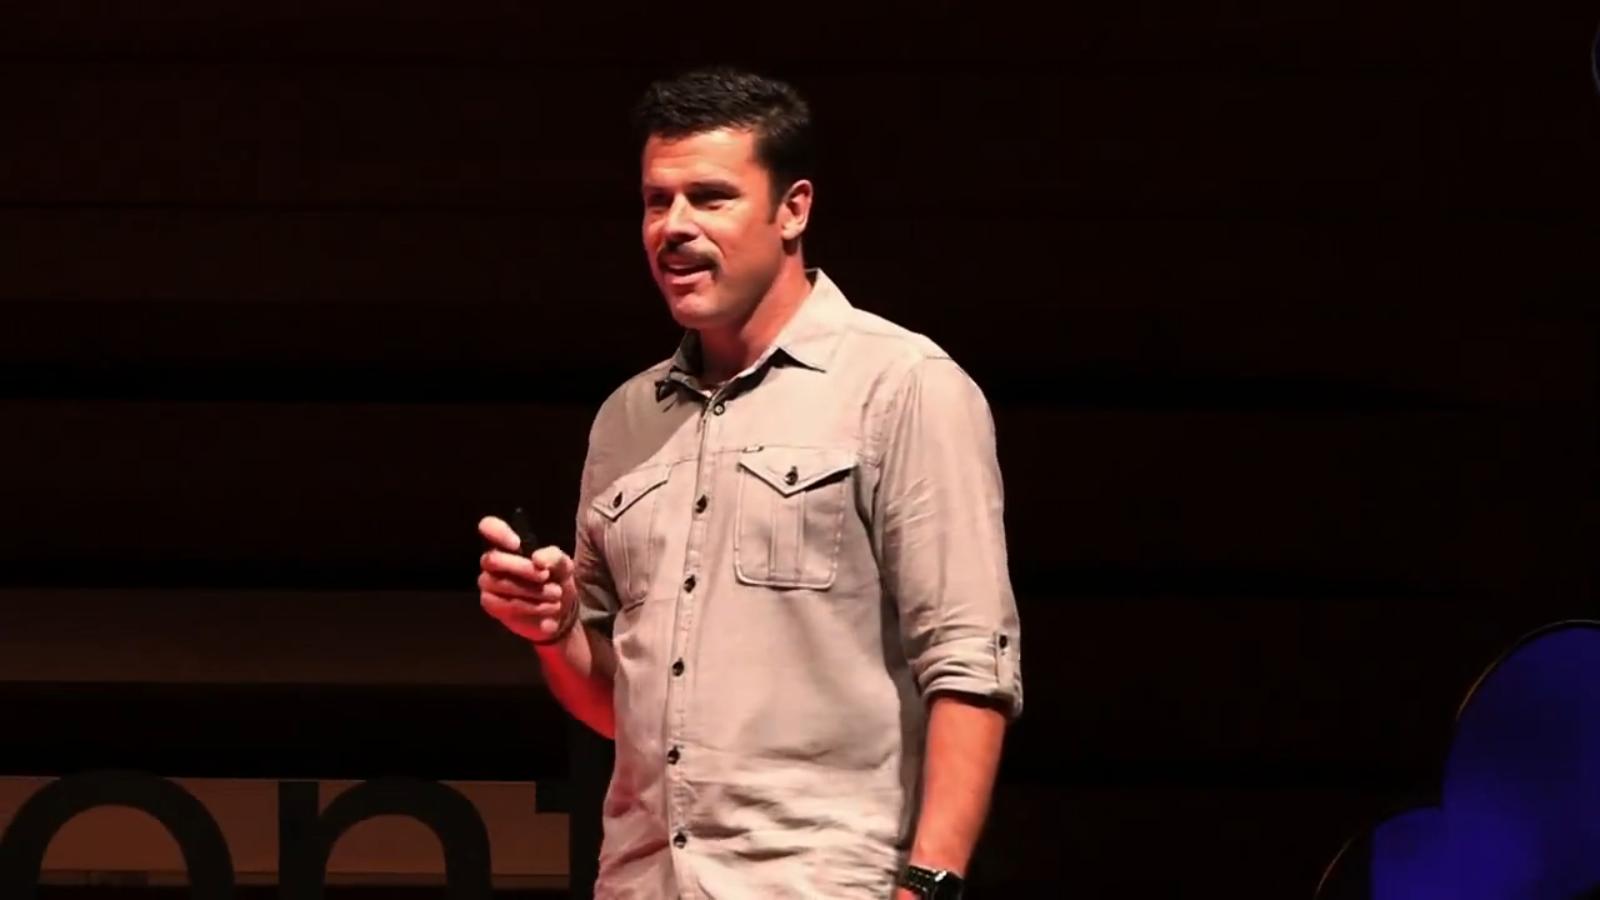 ВИДЕО: Небритябрь Адама Гарона